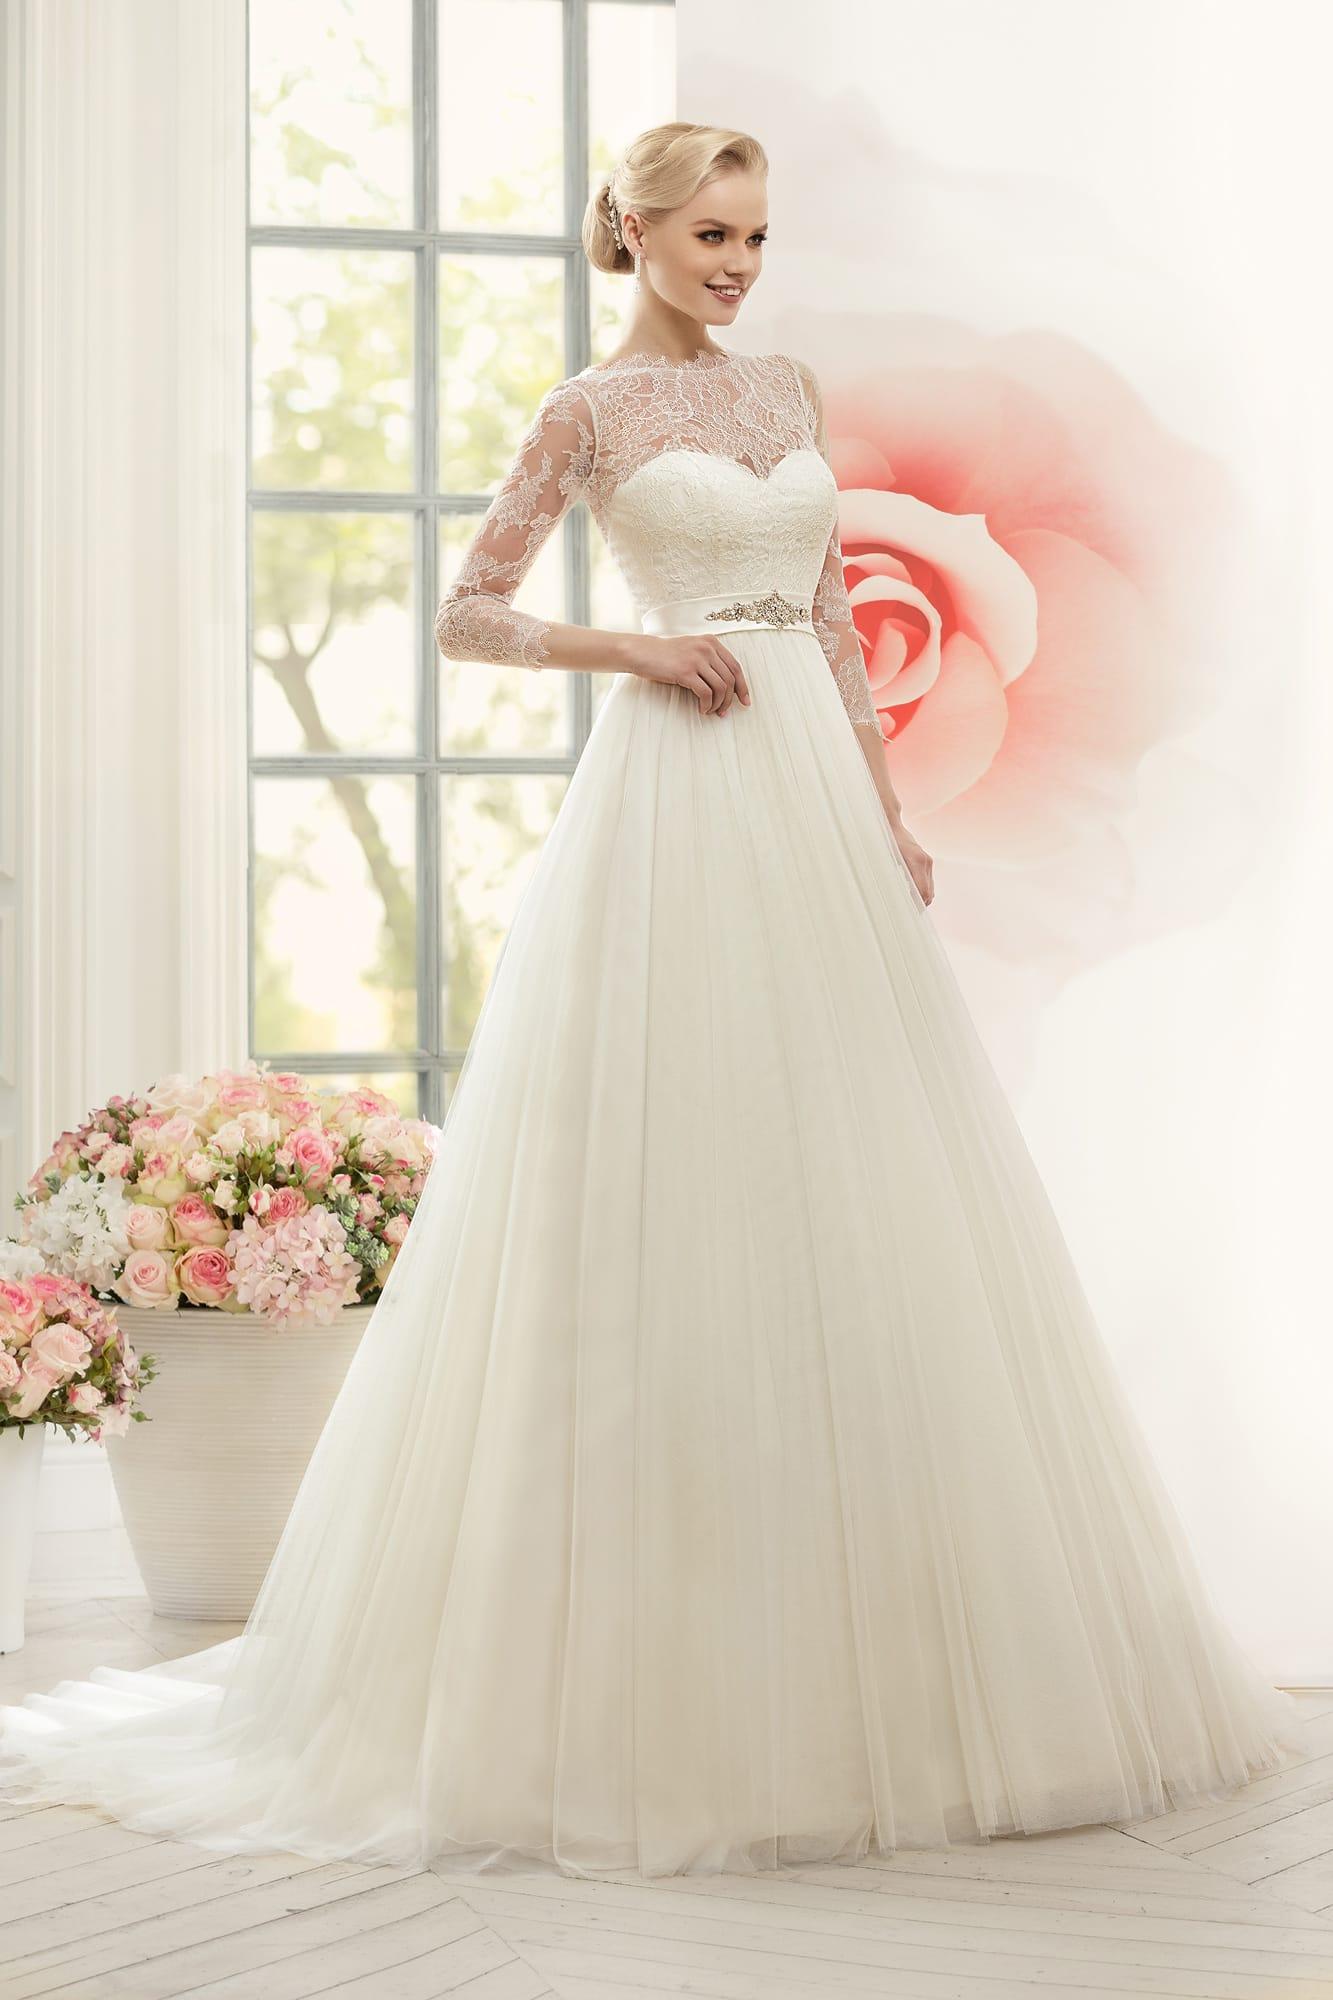 fb84c483256e4e Утонченное свадебное платье с тонким кружевом над корсетом и атласным  поясом с бисерной отделкой.